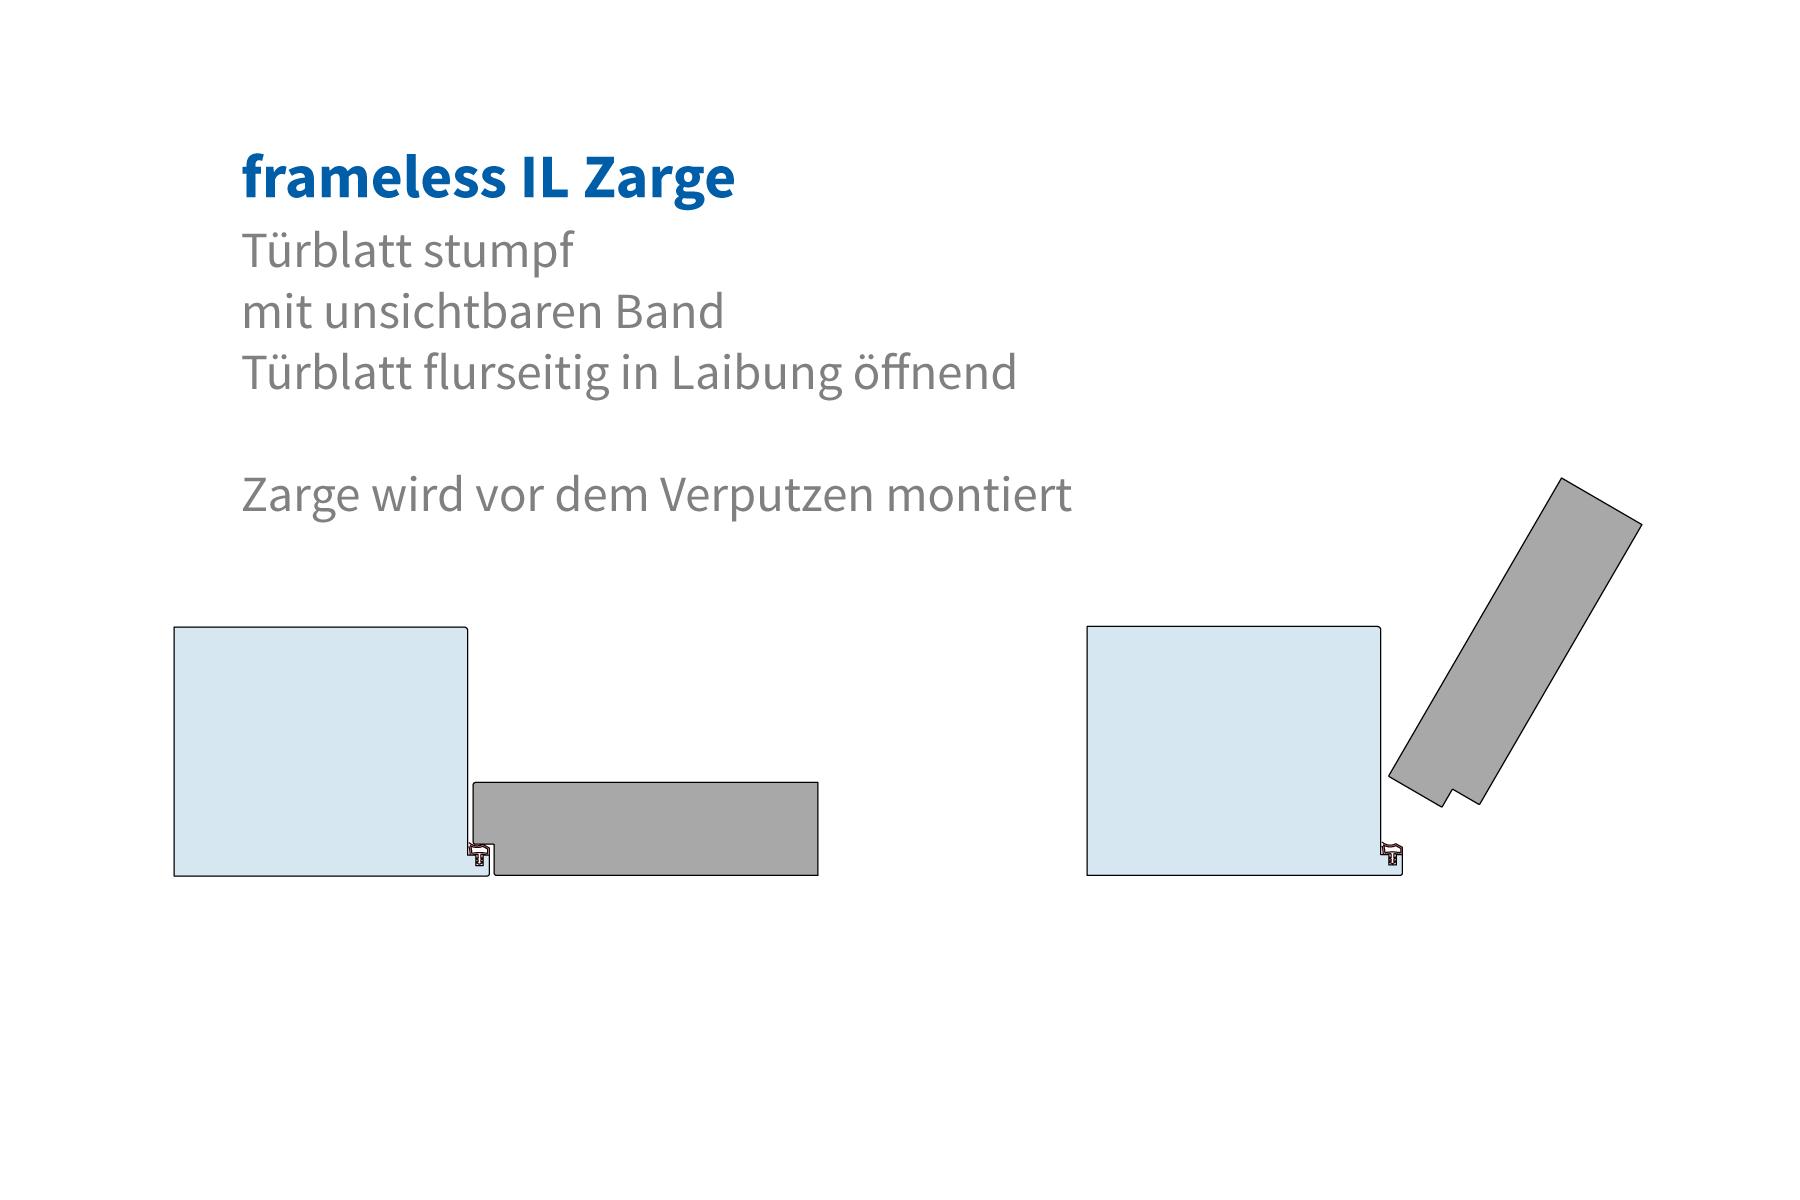 frameless IL Zarge